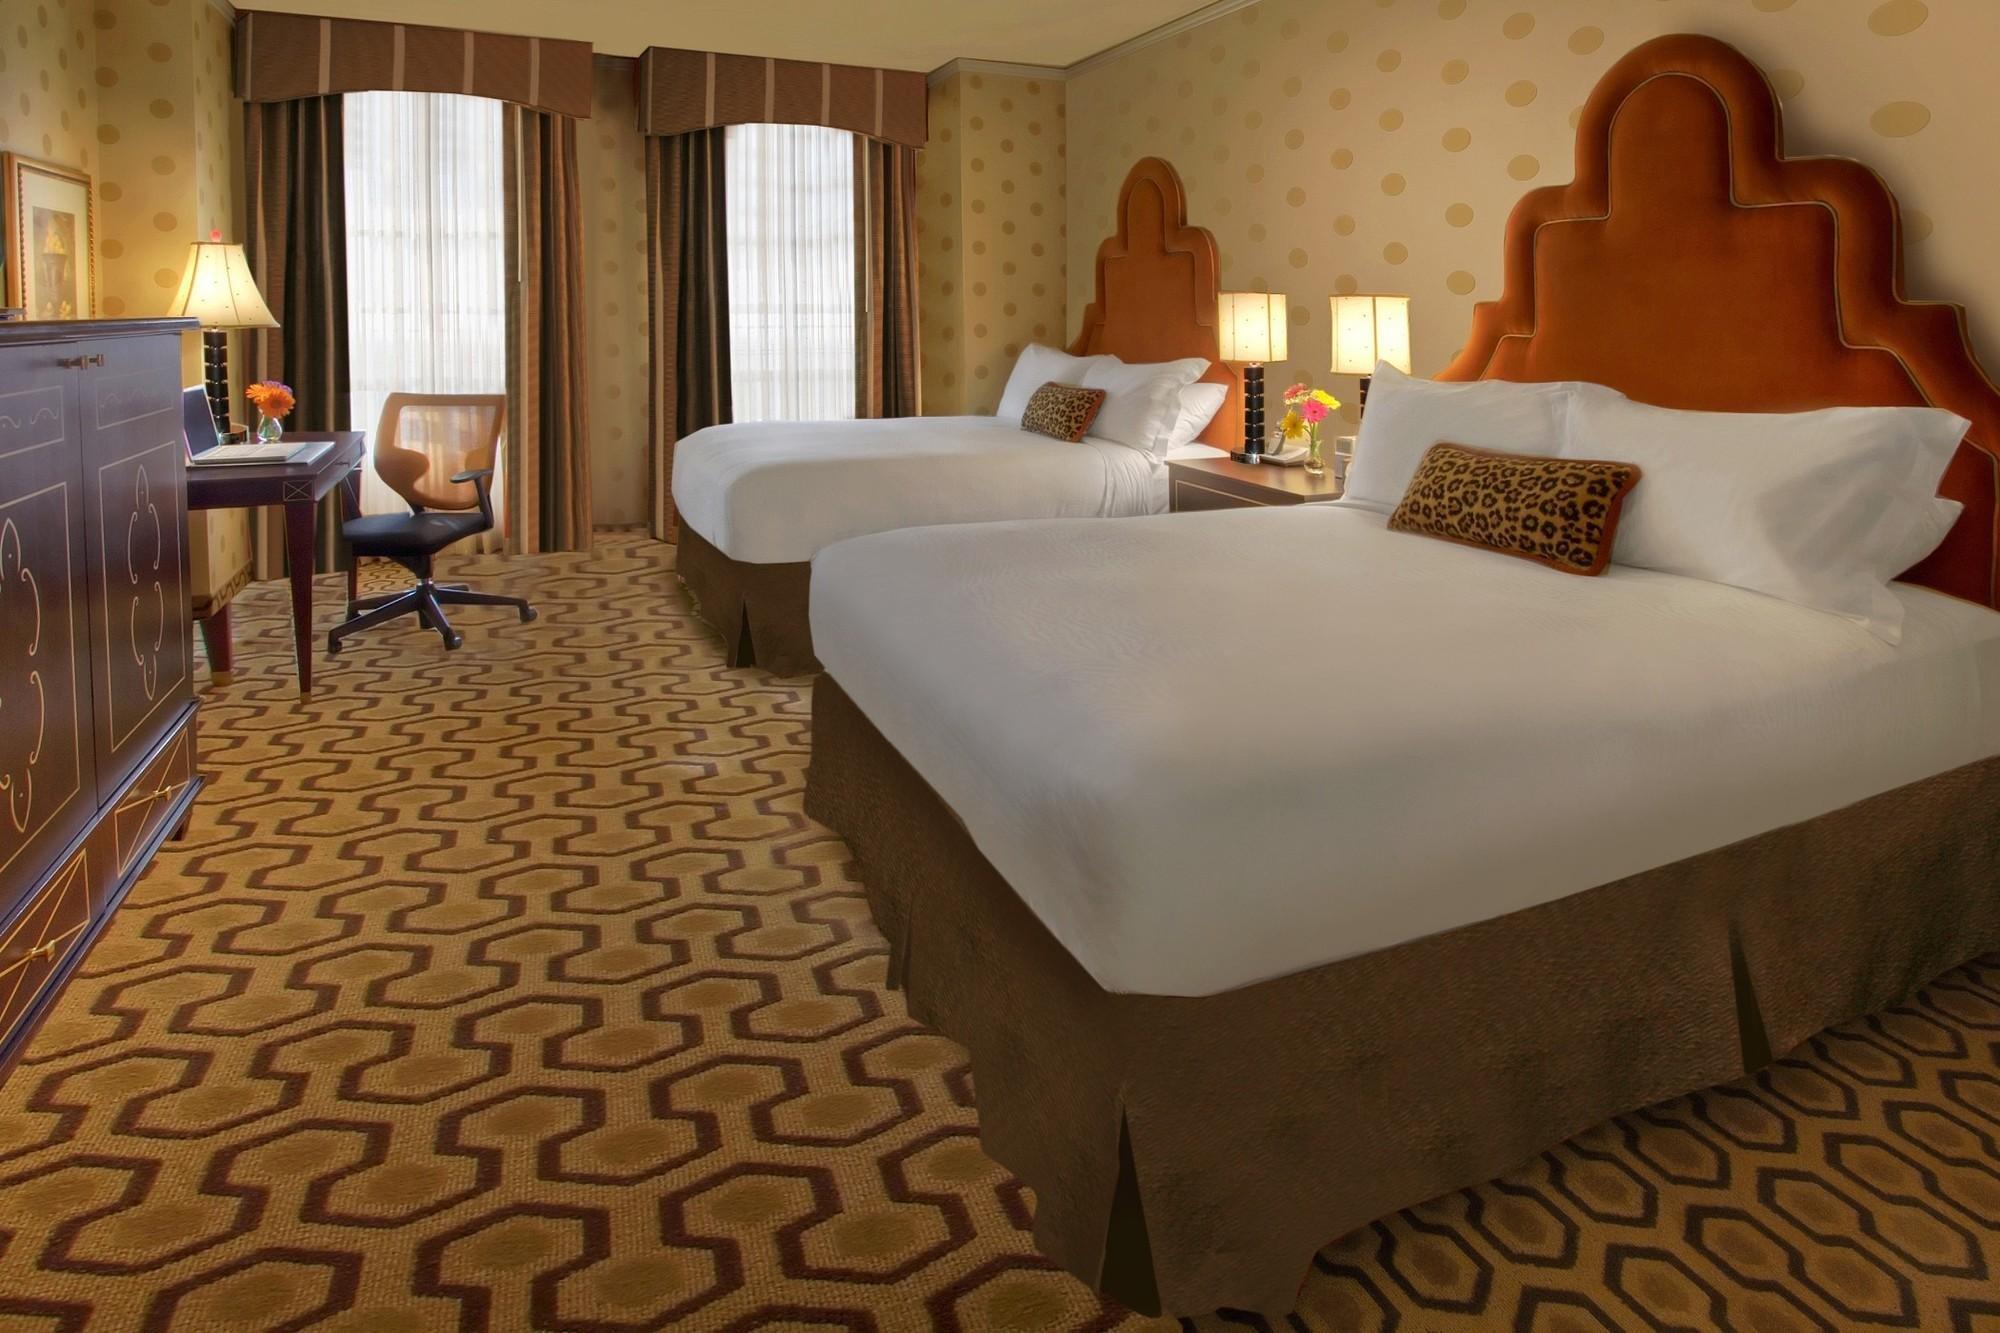 фото Cypress Hotel 847080227